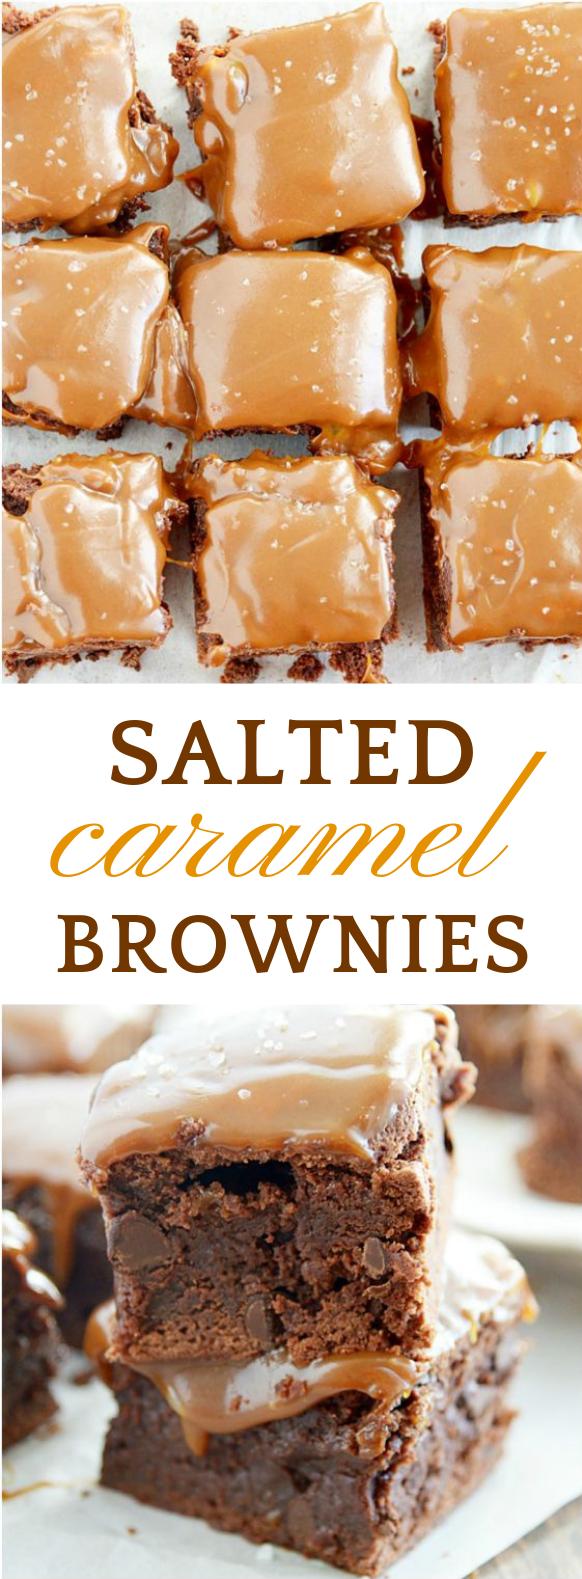 Salted Caramel Brownies #Brownies #Dessert